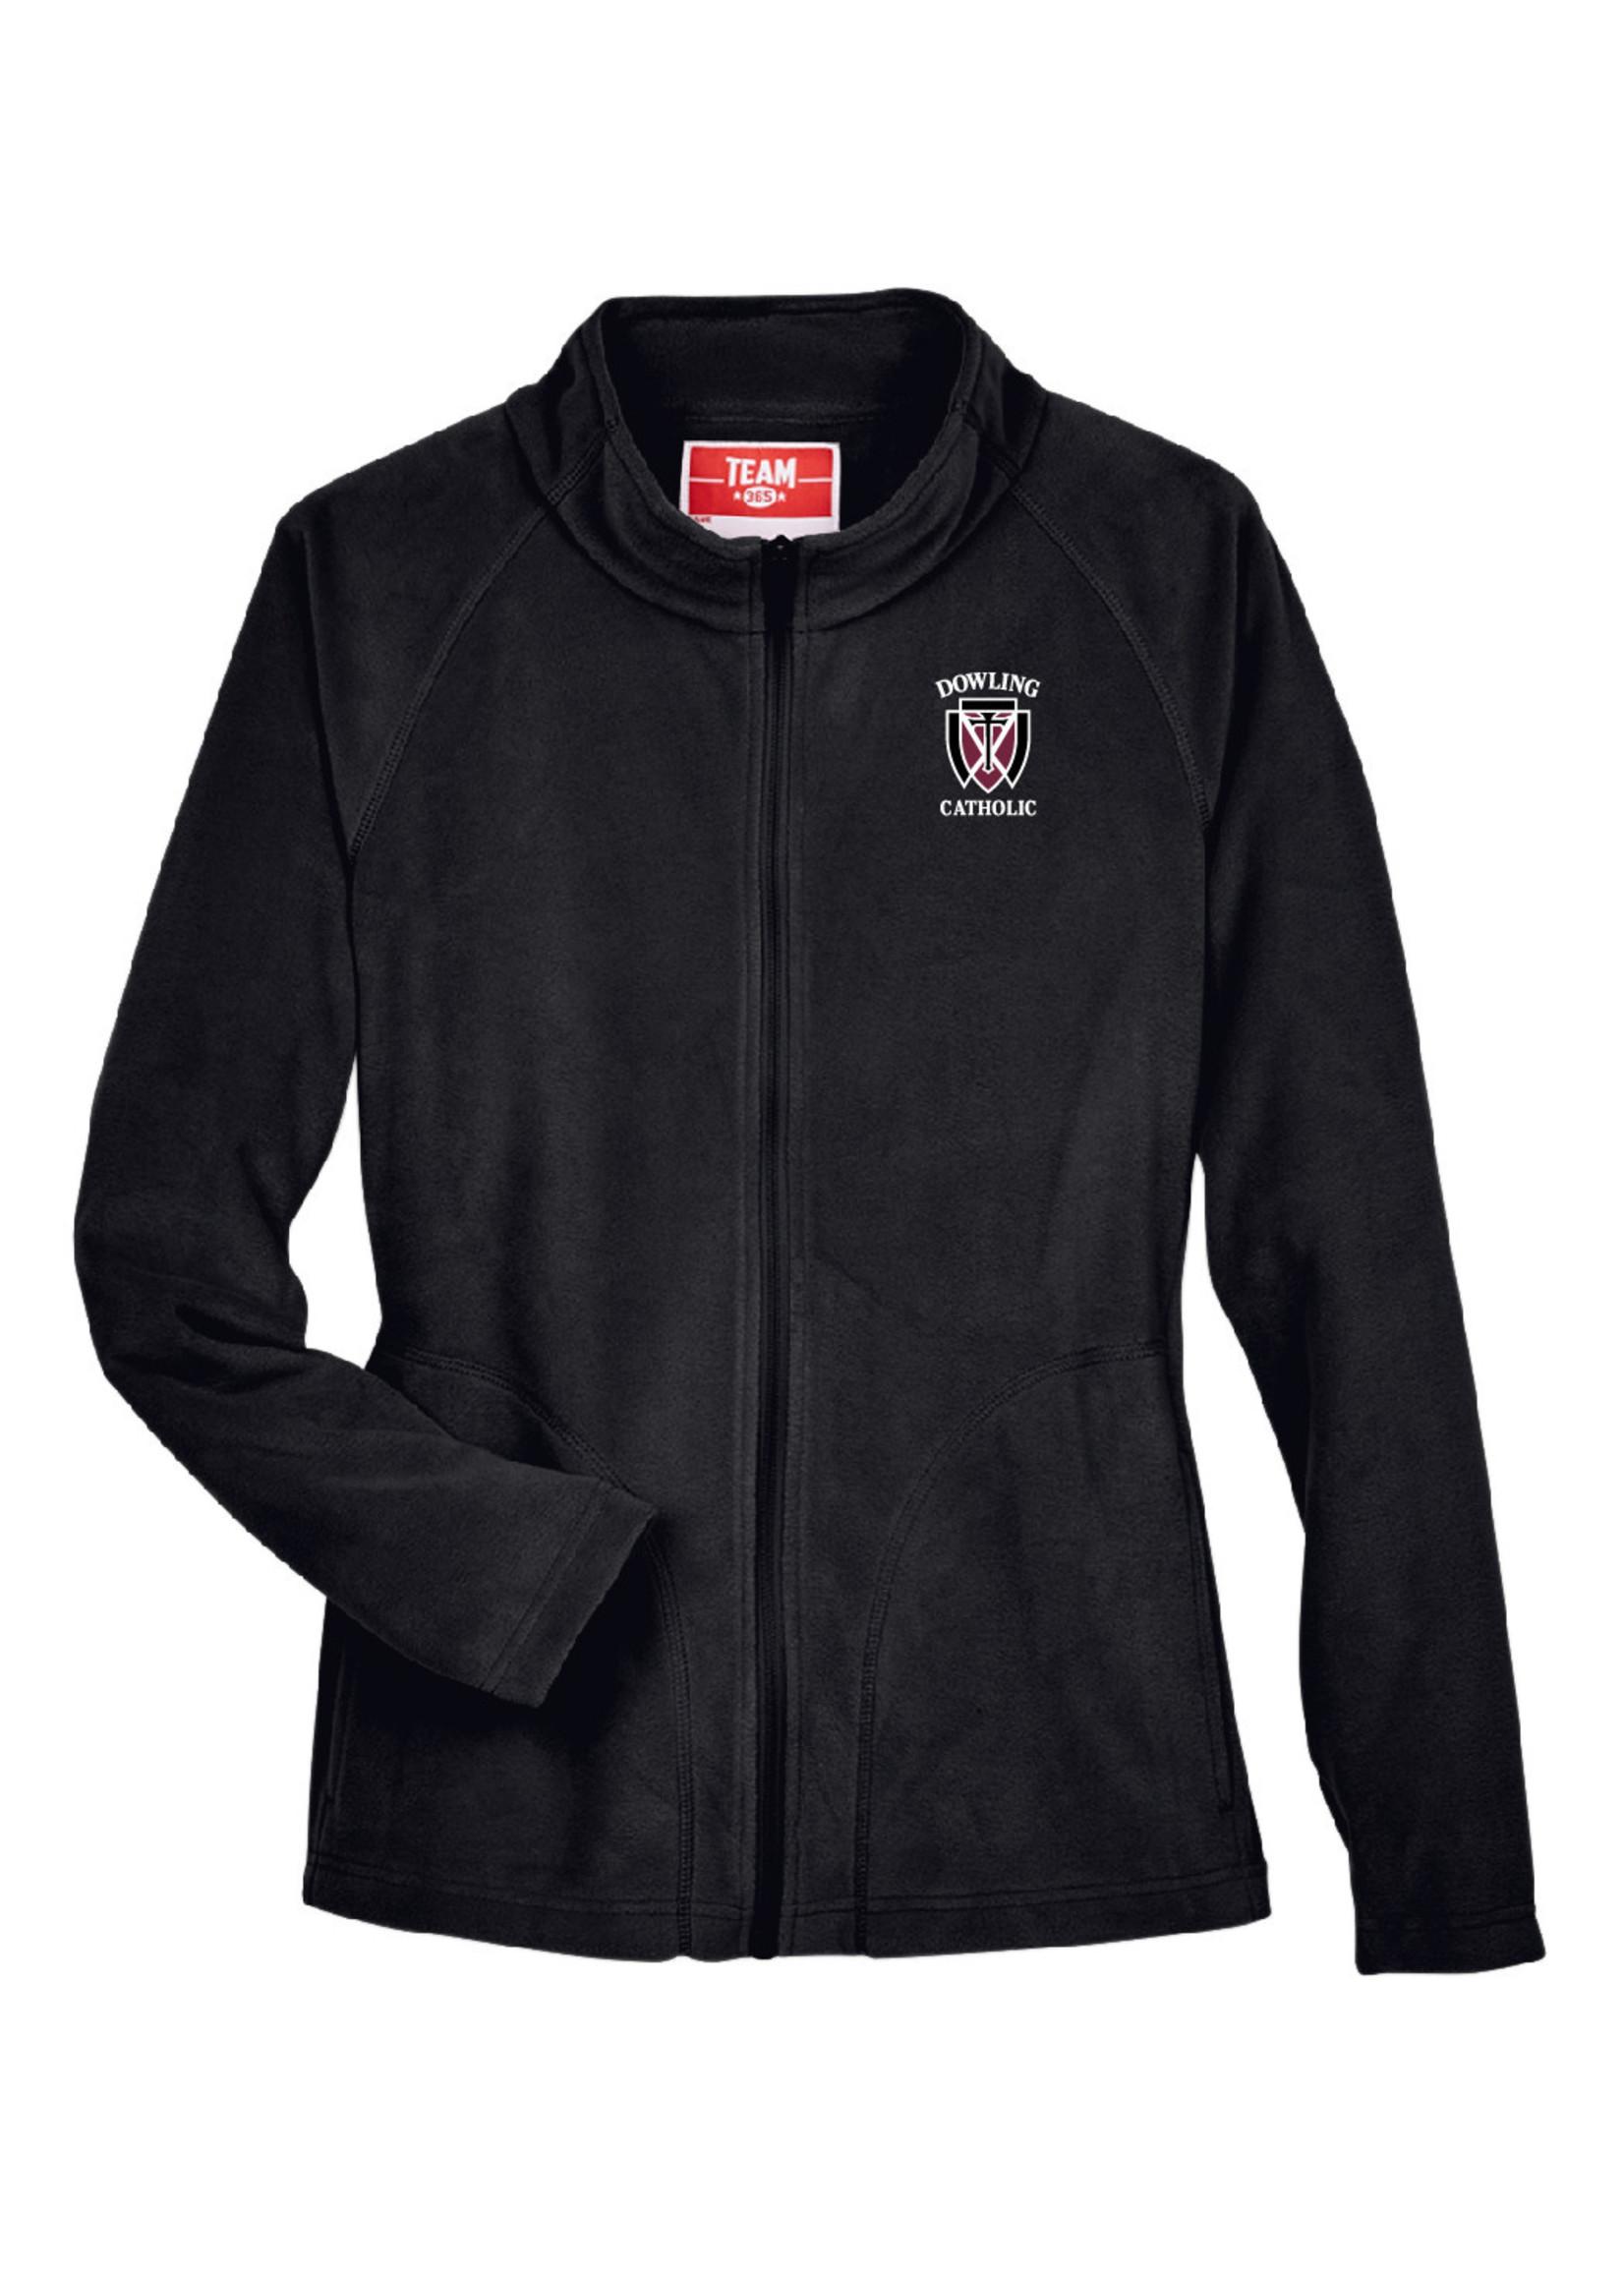 Team 365 Women's Fleece Uniform Jacket - ONLINE